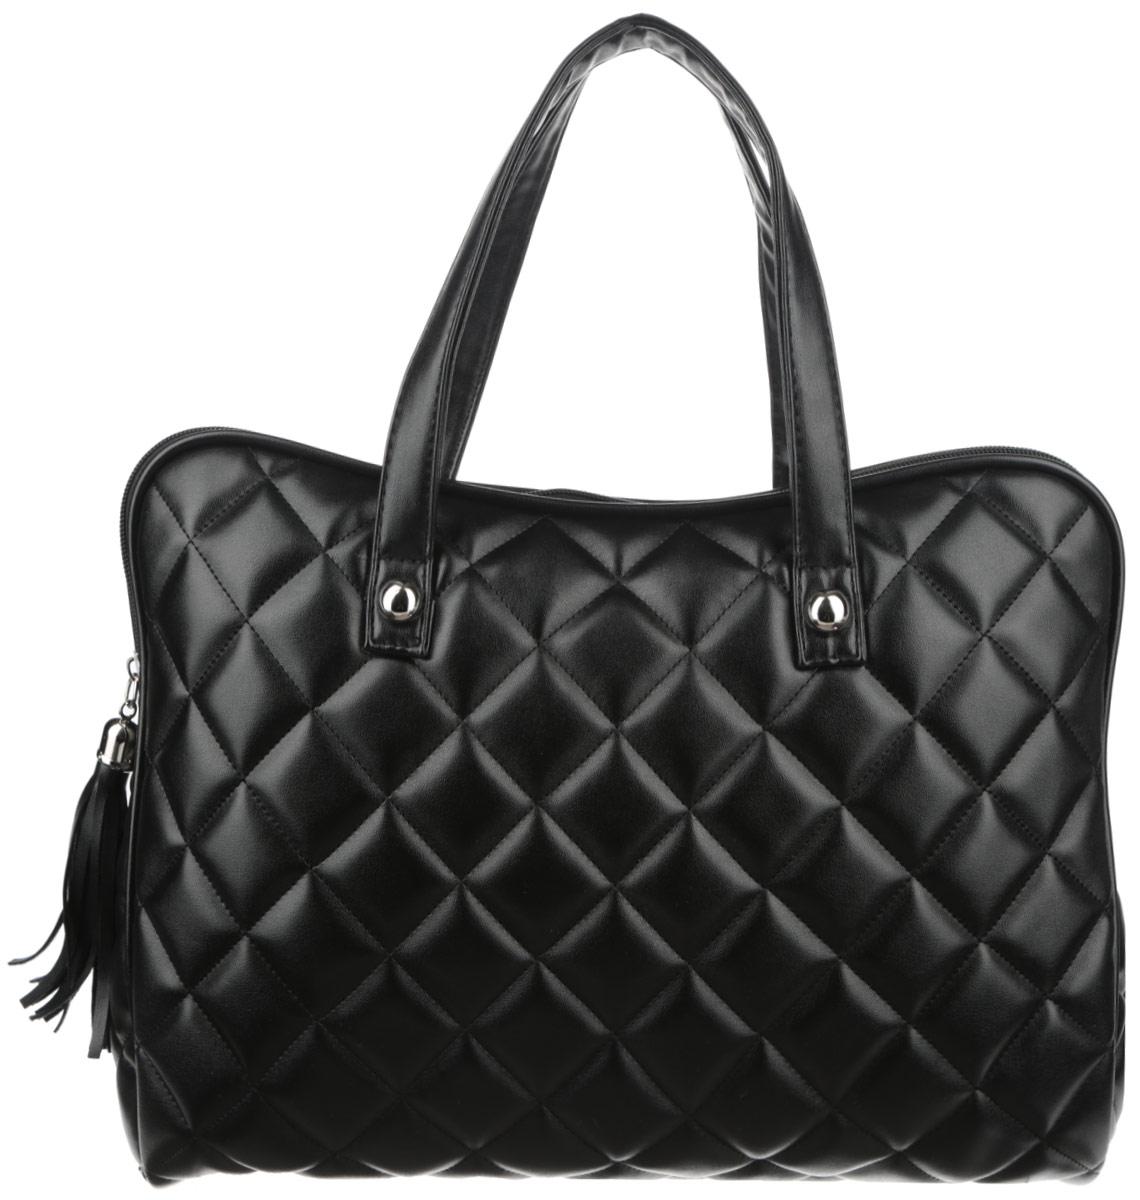 Сумка женская Antan Dress Code, цвет: черный. 3-37/2BM8434-58AEСтильная сумка Antan Dress Code изготовлена из искусственной кожи и оформлена геометрической стежкой. Сумка создана для женщин, ценящих лаконичный дизайн в сочетании с функциональностью.Сумка содержит одно вместительное отделение с двумя нашивными небольшими карманами и закрывается на пластиковую застежку-молнию с фирменным брелоком-кистью. Изделие оснащено двумя практичными ручками, которые дополнены декоративными металлическими элементами.Оригинальный аксессуар позволит вам завершить образ и быть неотразимой.